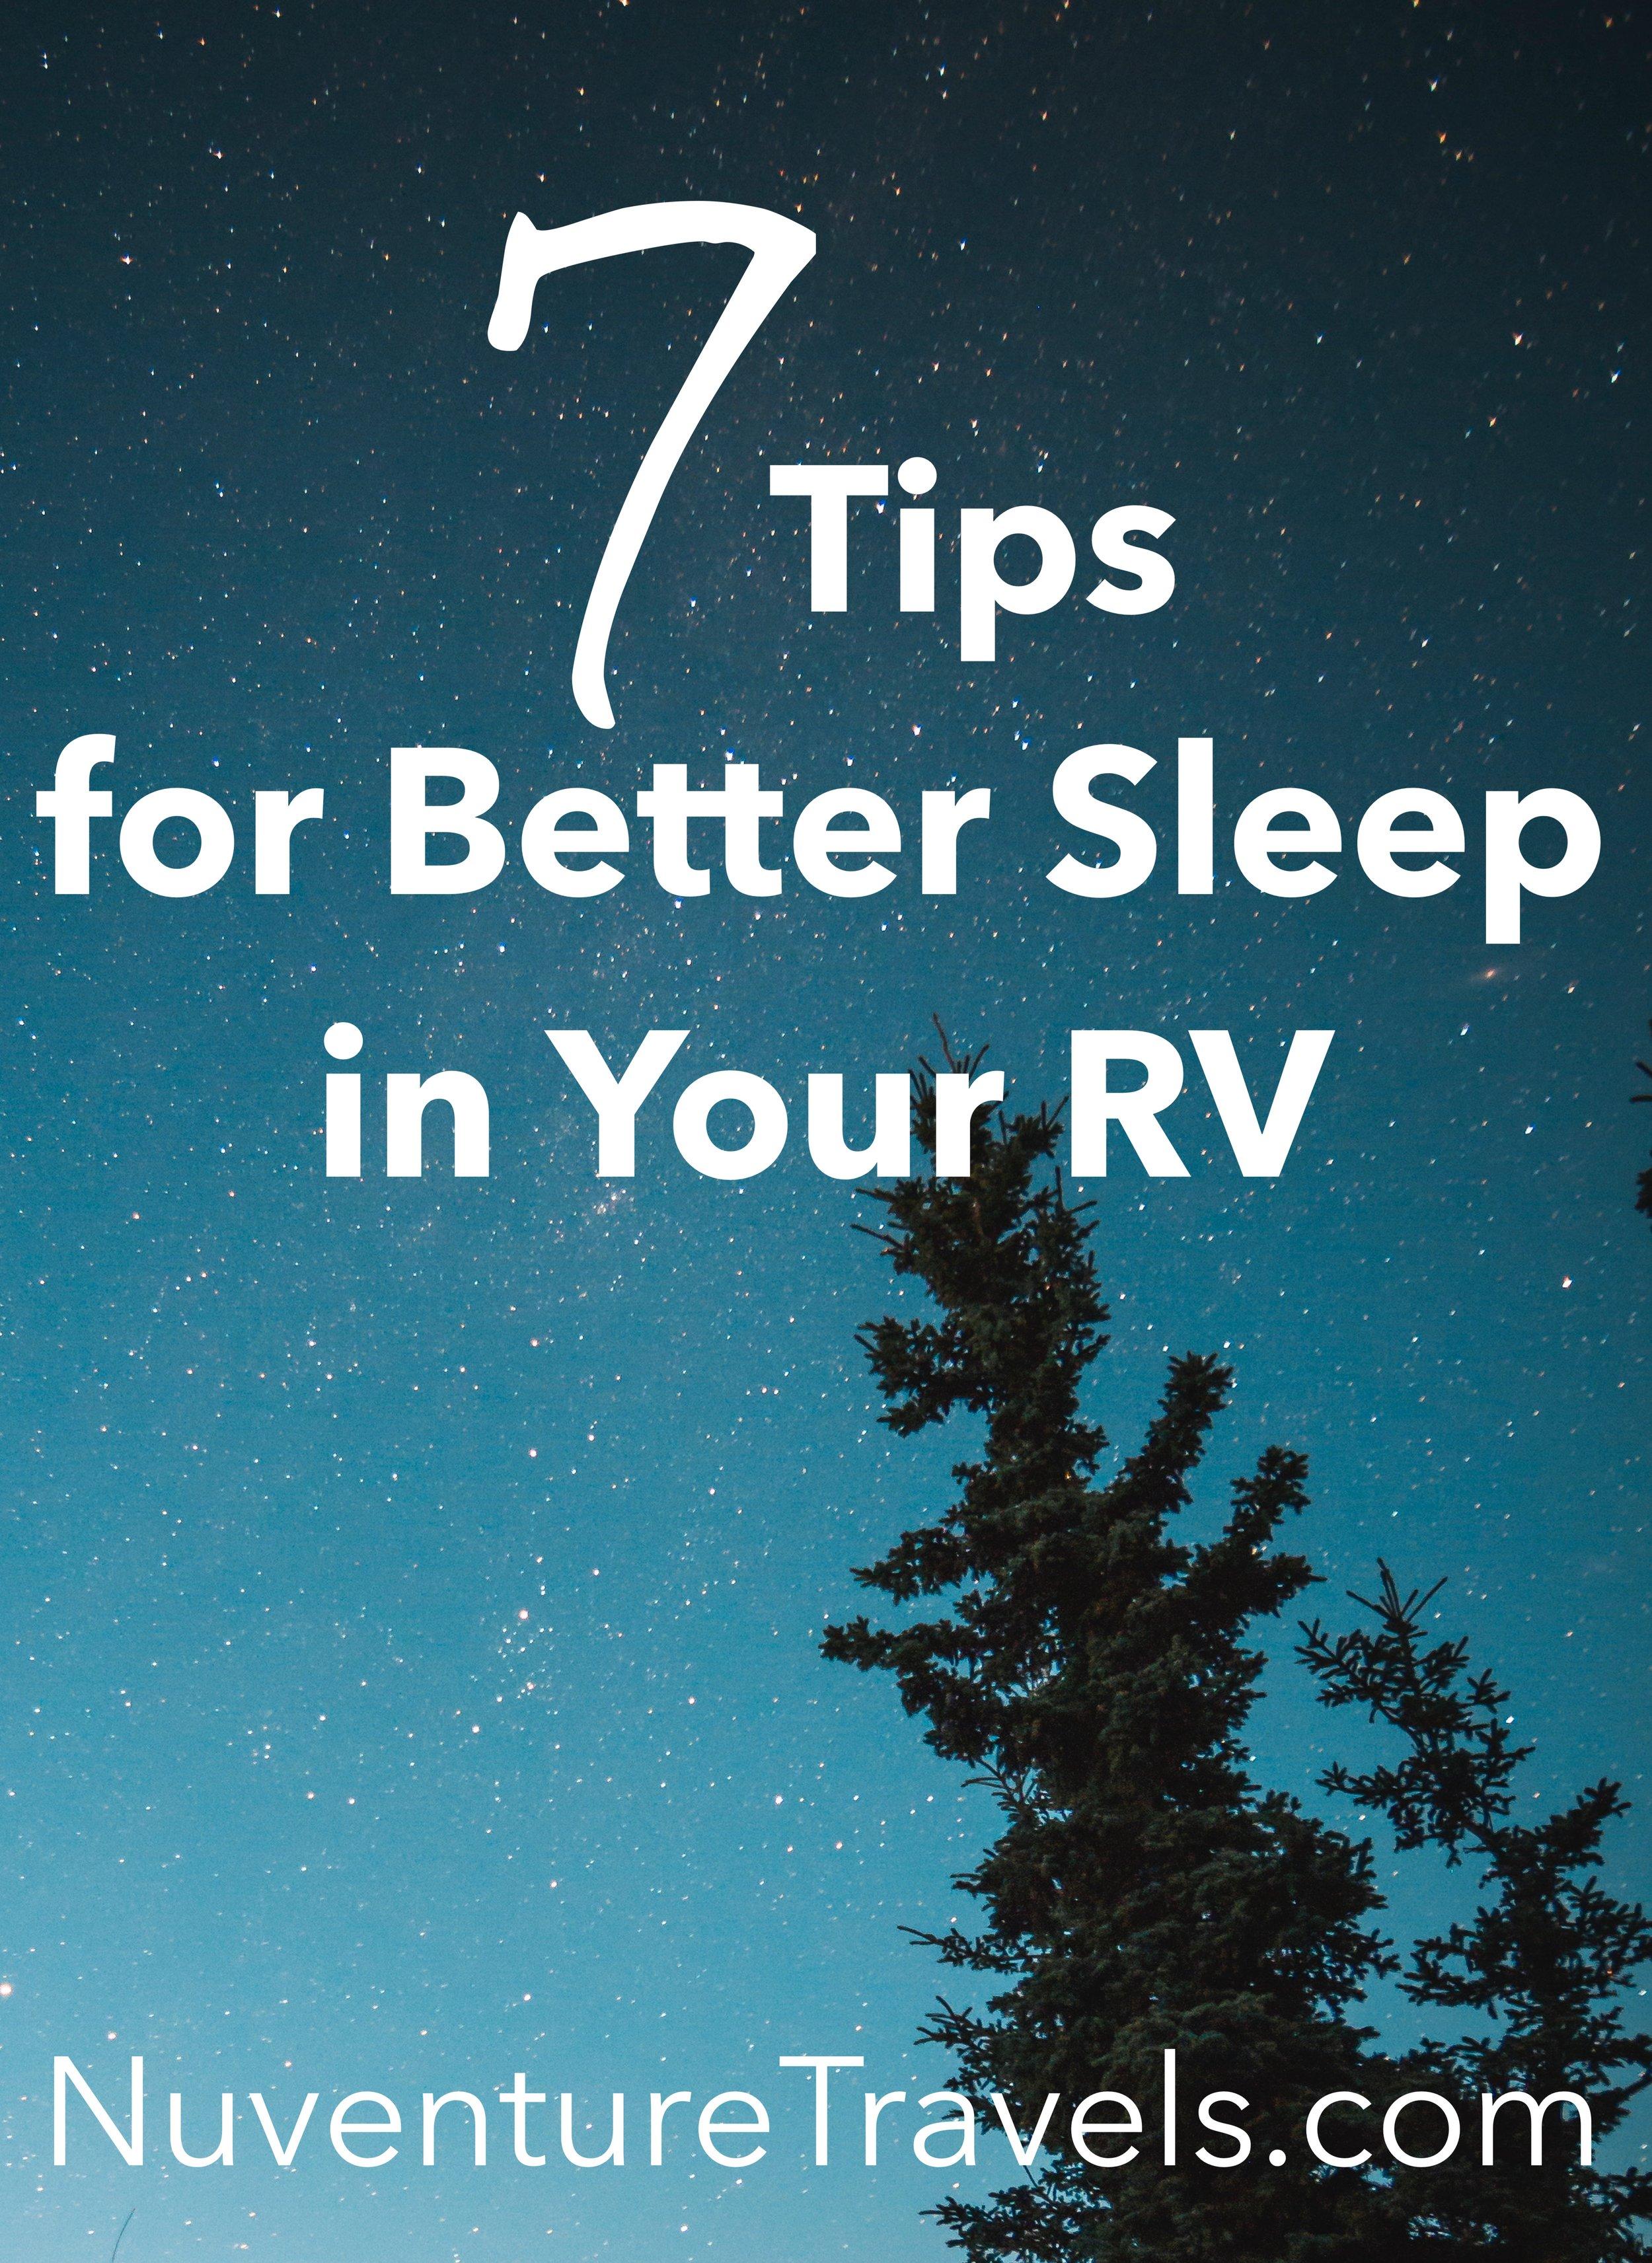 7 Tips for Better Sleep in Your RV, NuventureTravels.com